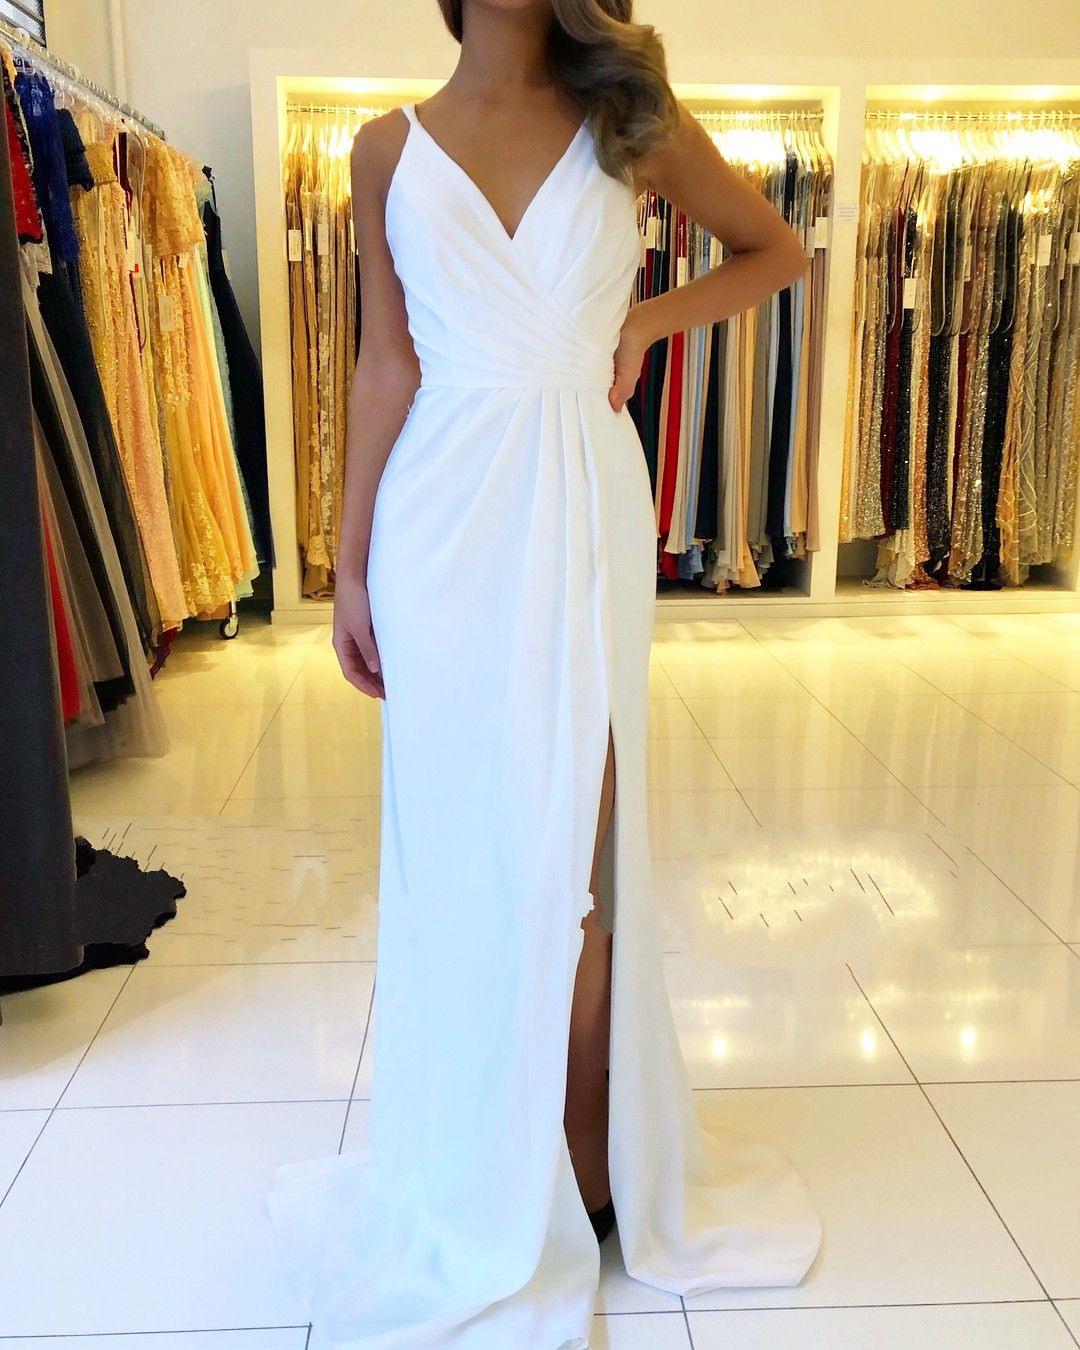 20 Ausgezeichnet Weisse Abendkleider SpezialgebietFormal Wunderbar Weisse Abendkleider Boutique